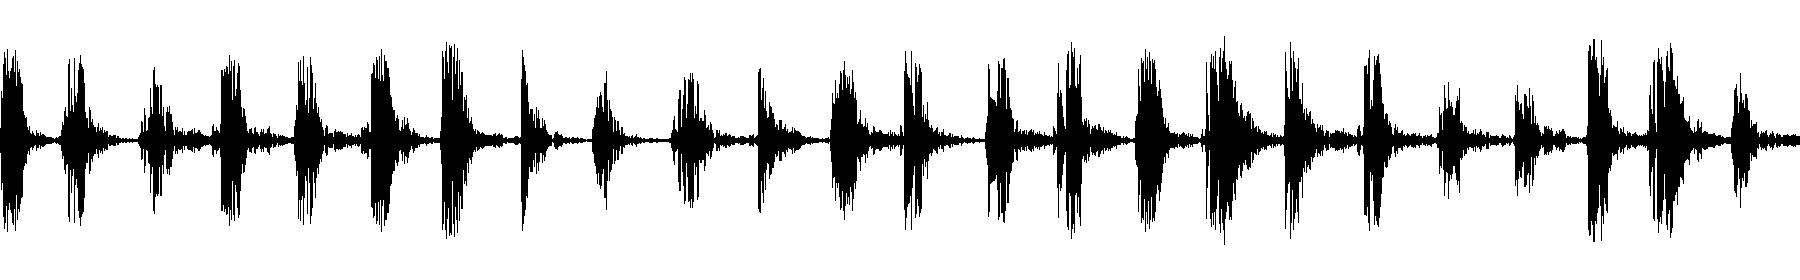 guitarfunk24 130